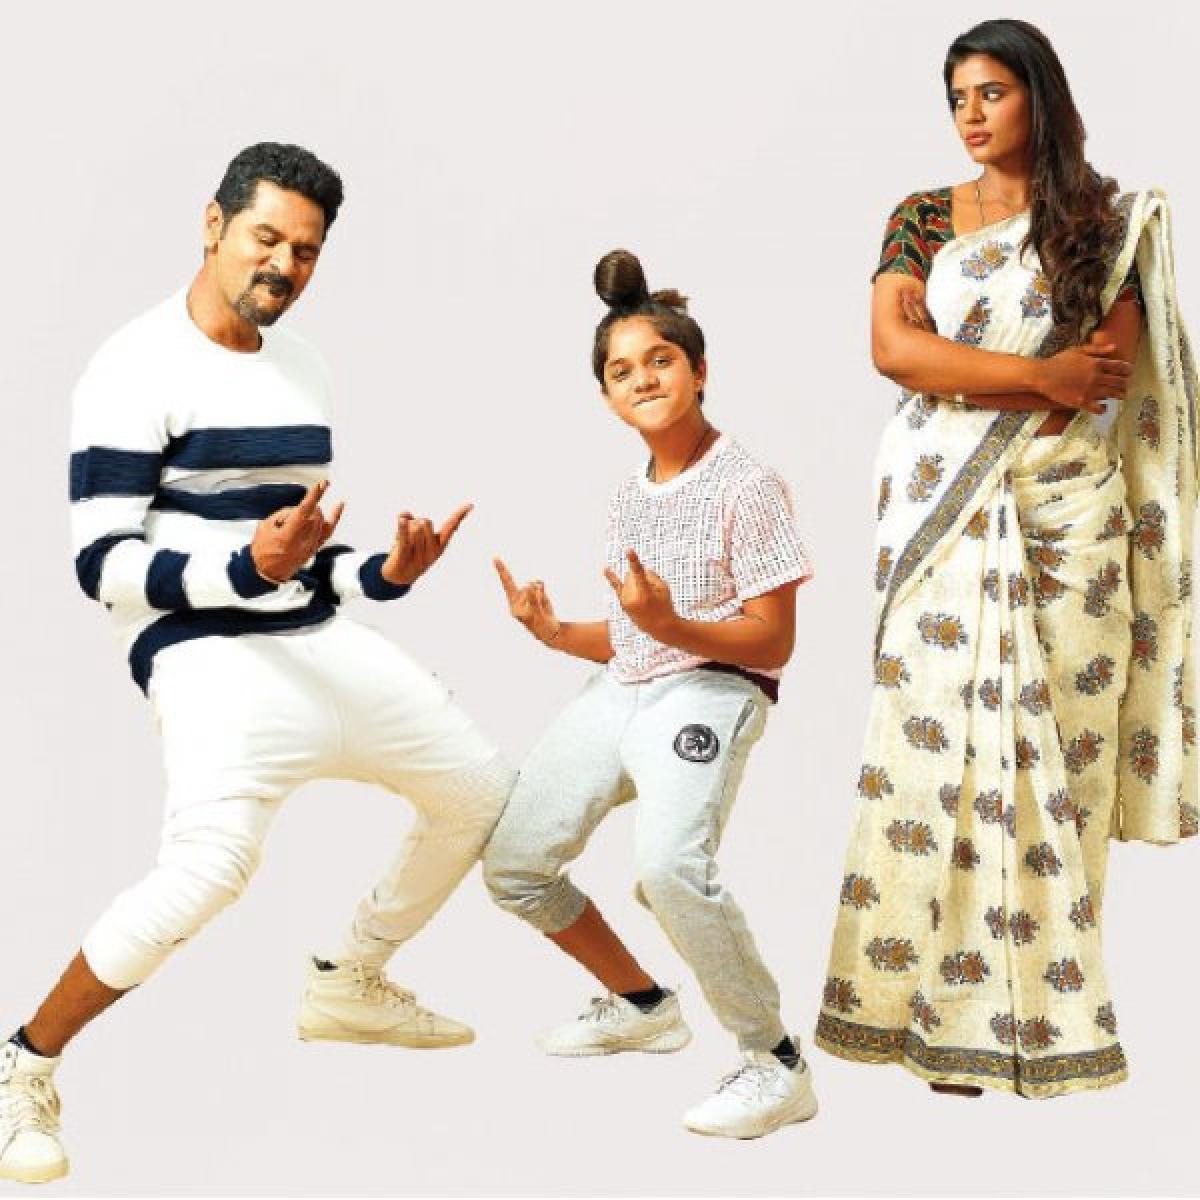 லக்ஷ்மி - சினிமா விமர்சனம்